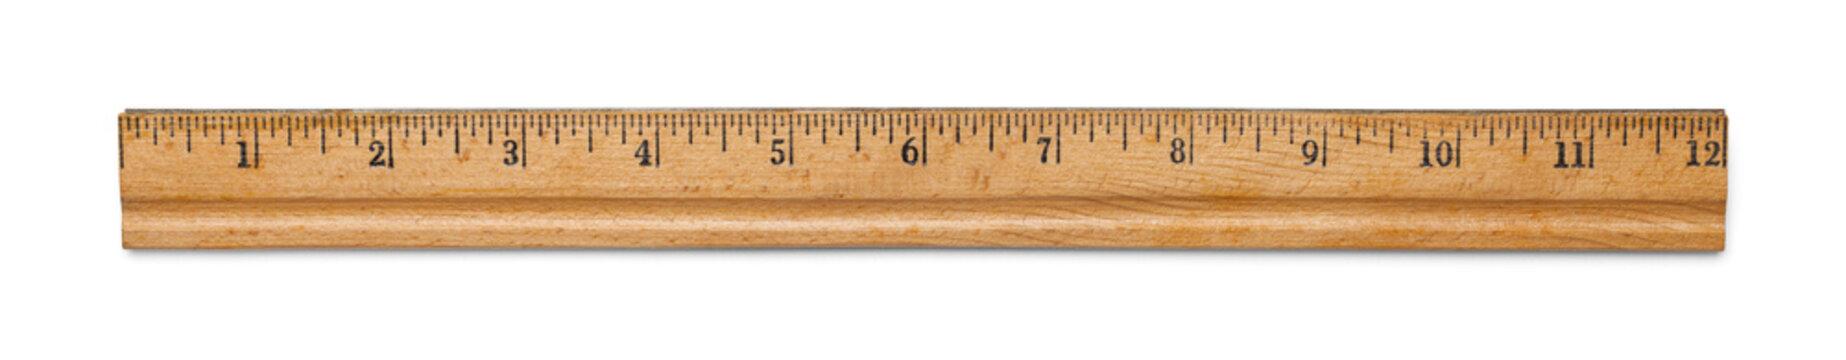 Antique Wood Ruler